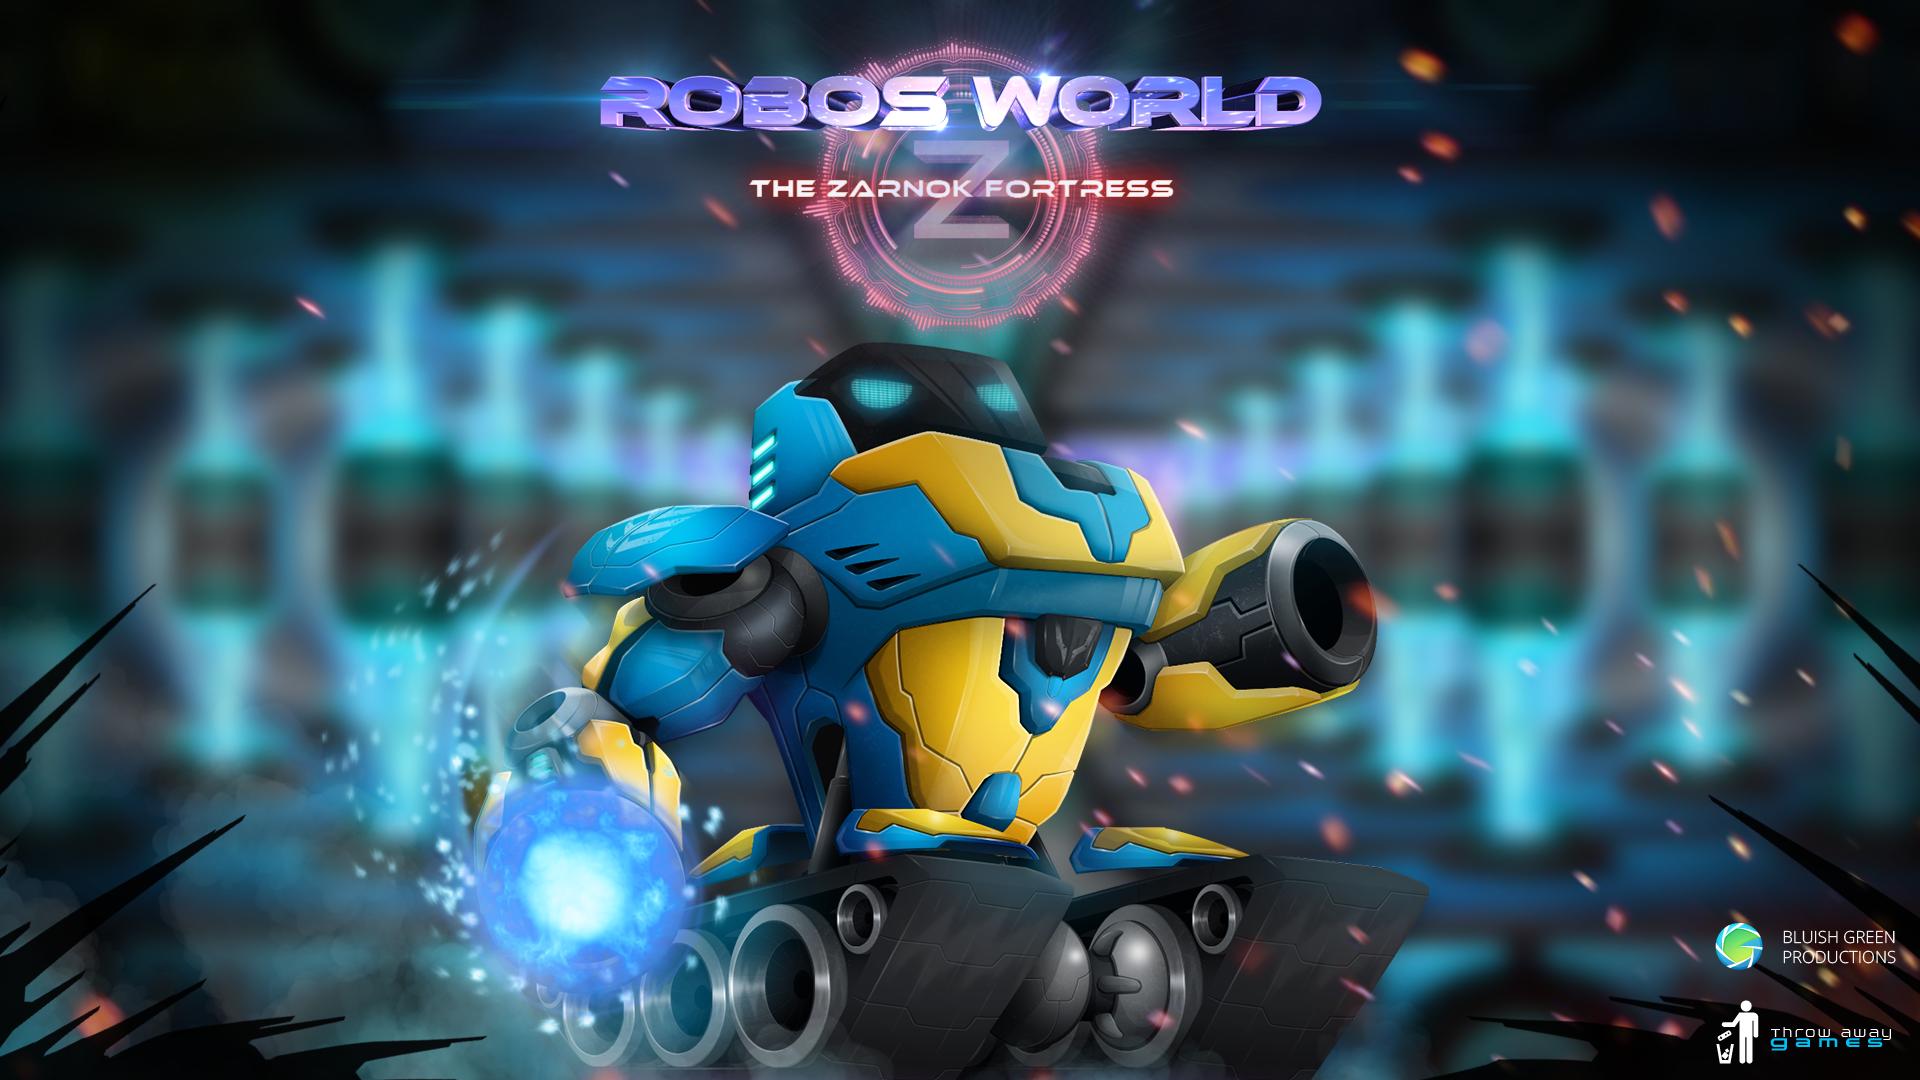 Robo's World: The Zarnok Fortress Demo